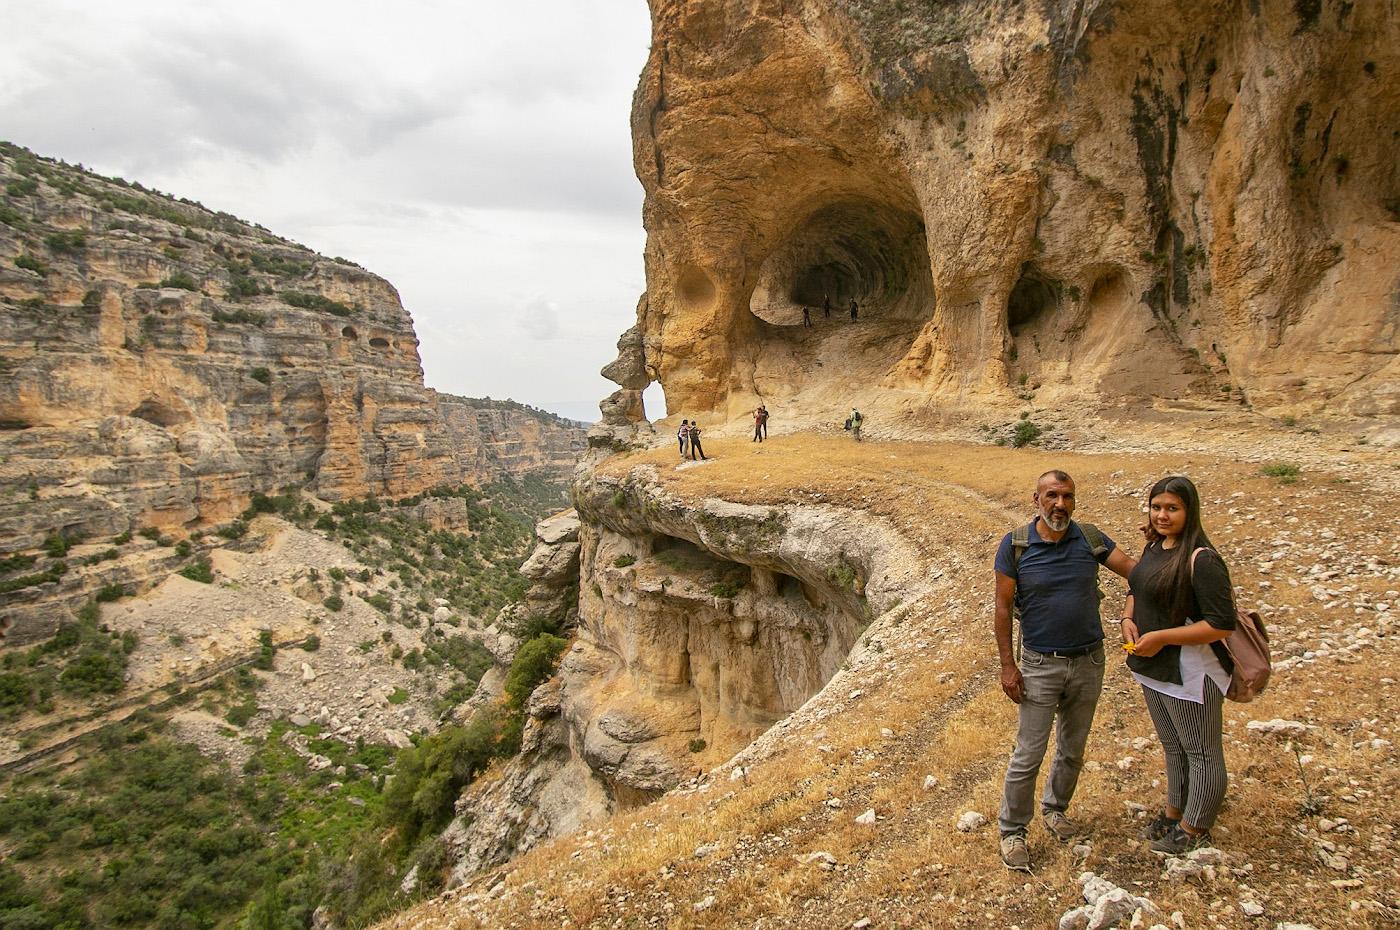 25. Портрет на Полке у Арки каньона Сасон в районе Мут провинции Мерсин. Интересные места в Турции, что можно посмотреть, взяв на прокат машину.